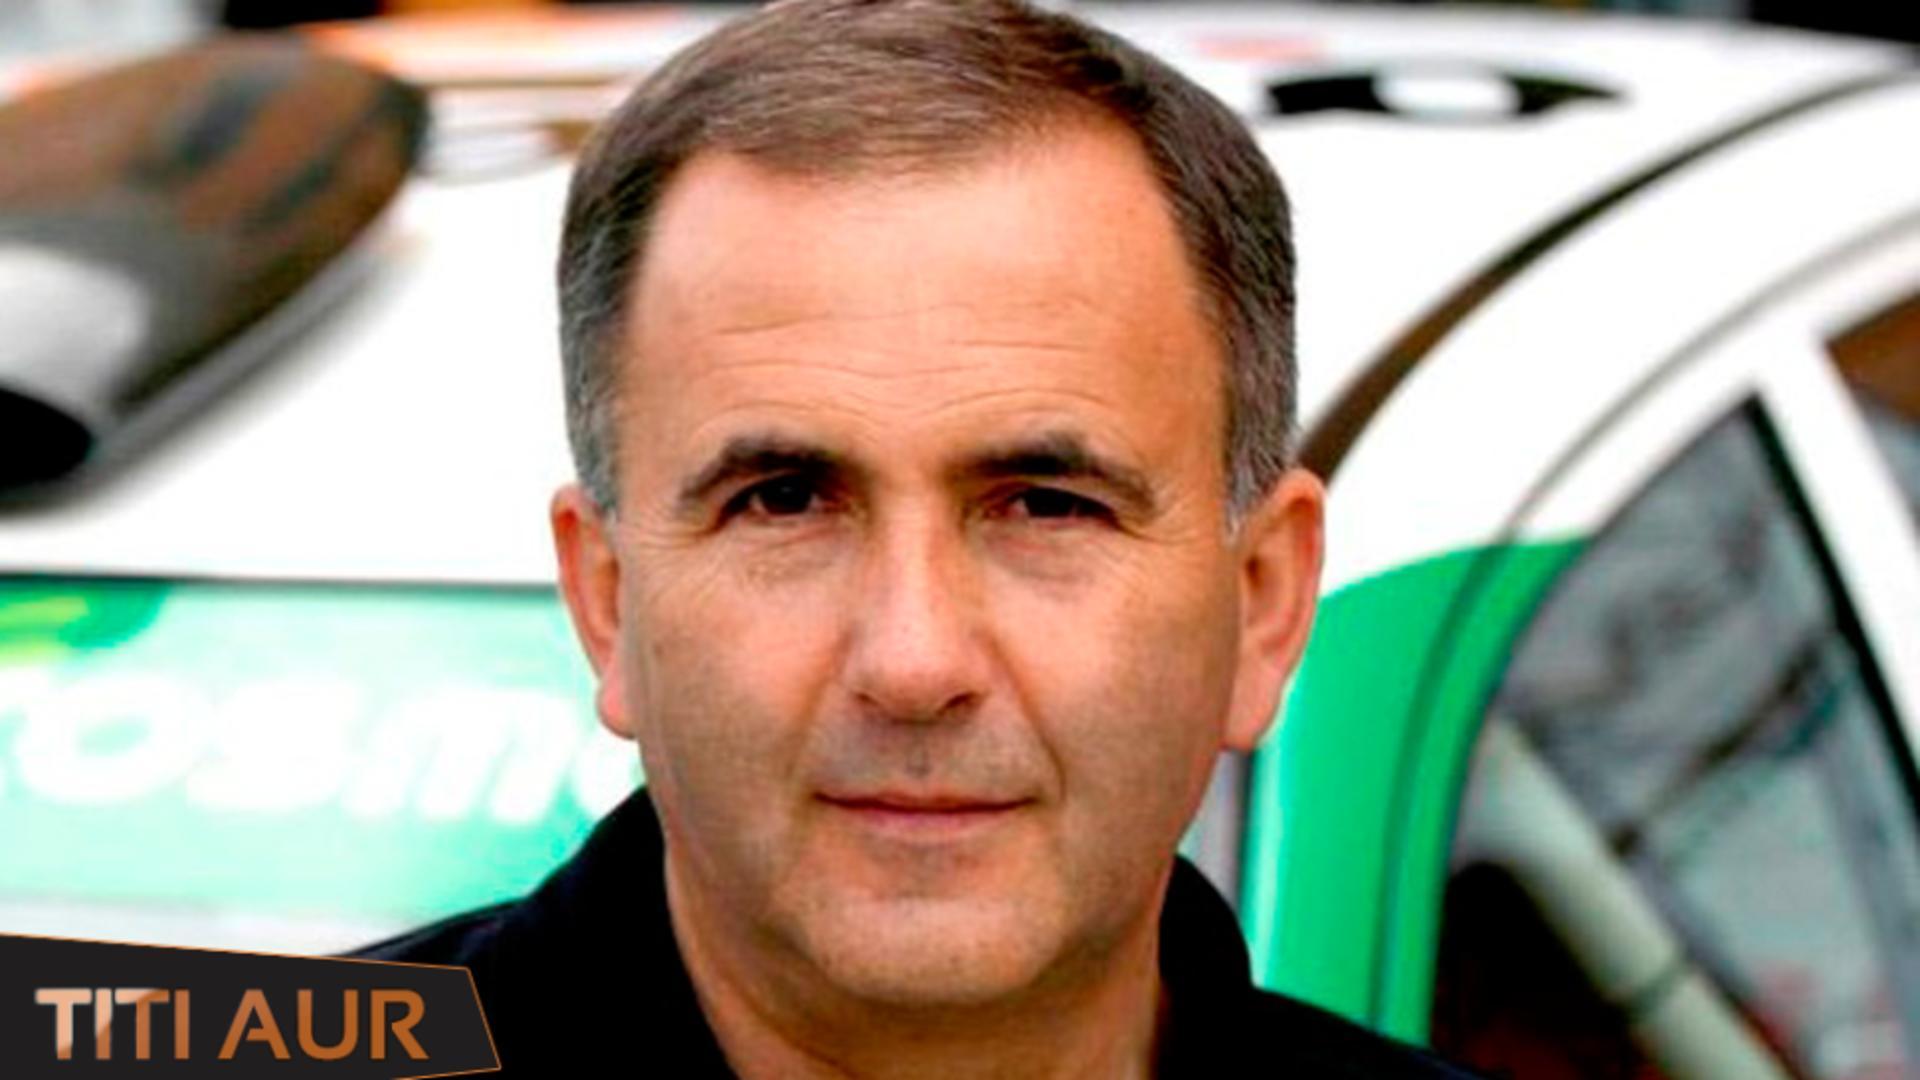 """Constantin """"Titi"""" Aur, fost pilot de raliuri, infectat cu noul coronavirus Foto: Facebook.com"""